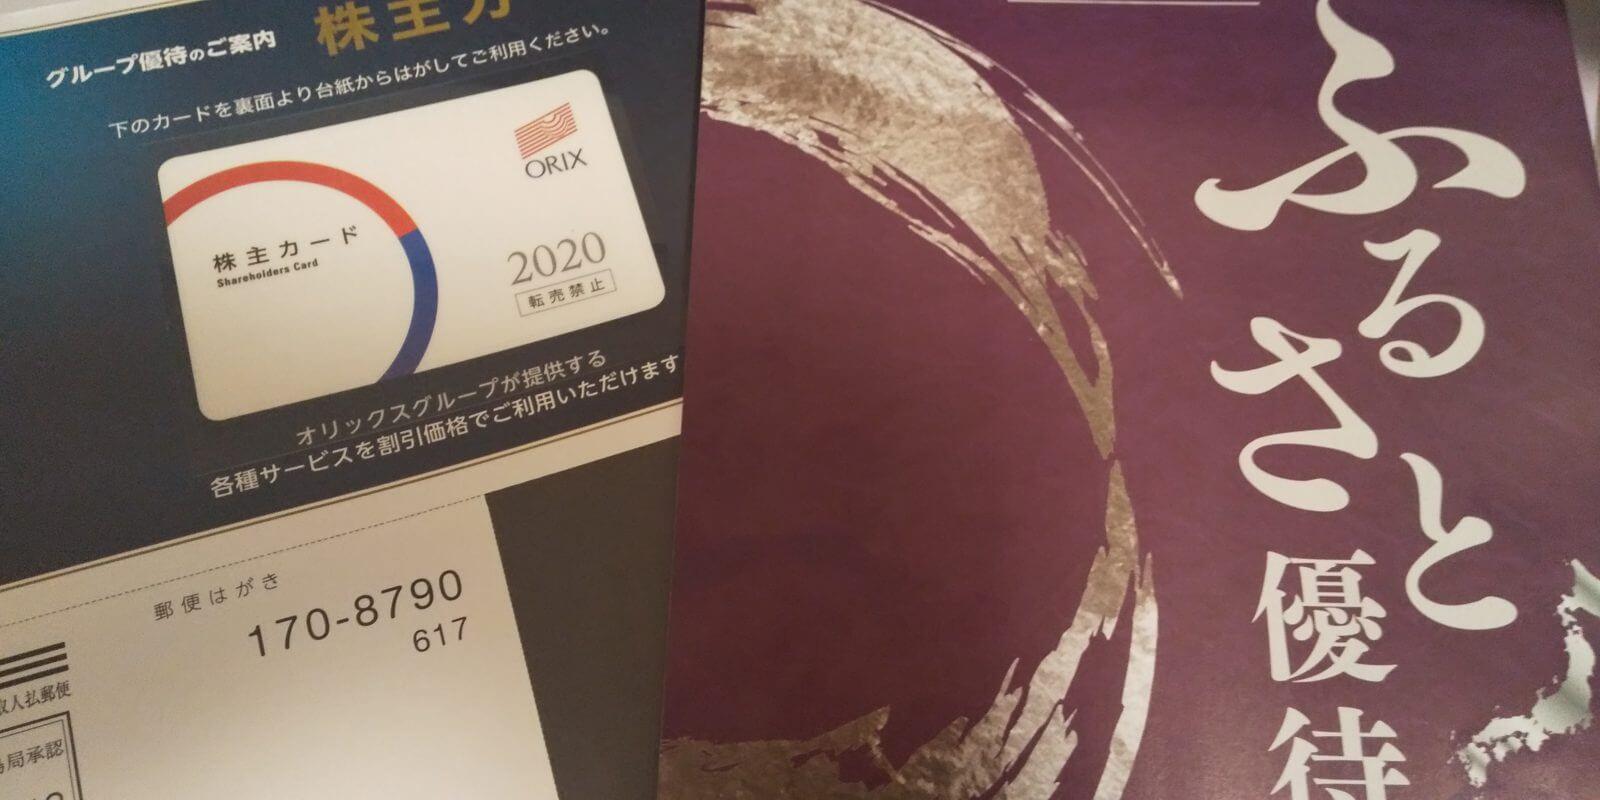 オリックス株主優待 ふるさと優待2020